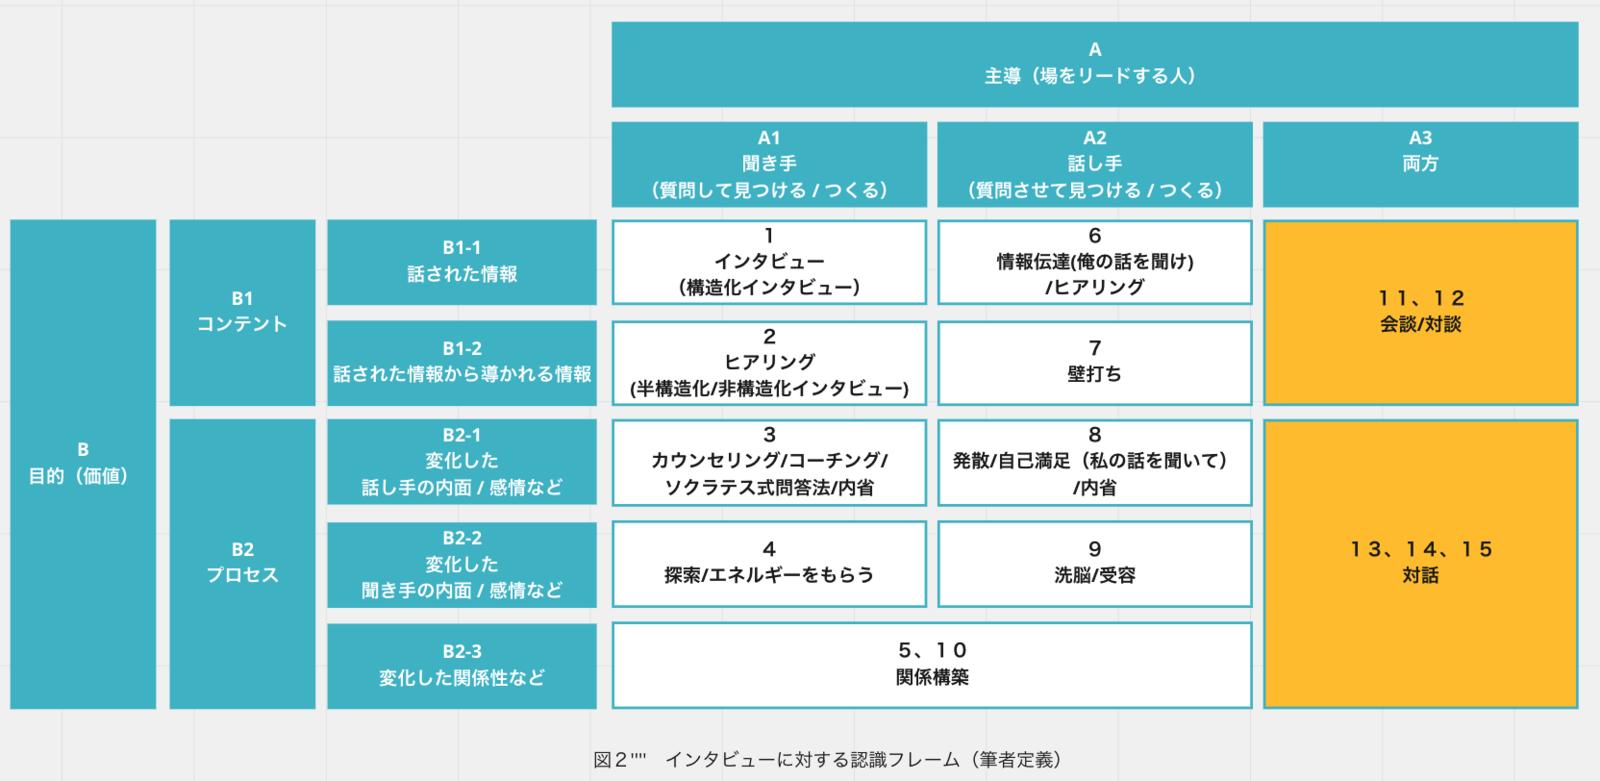 f:id:yoshitsugumi:20201226035129p:plain